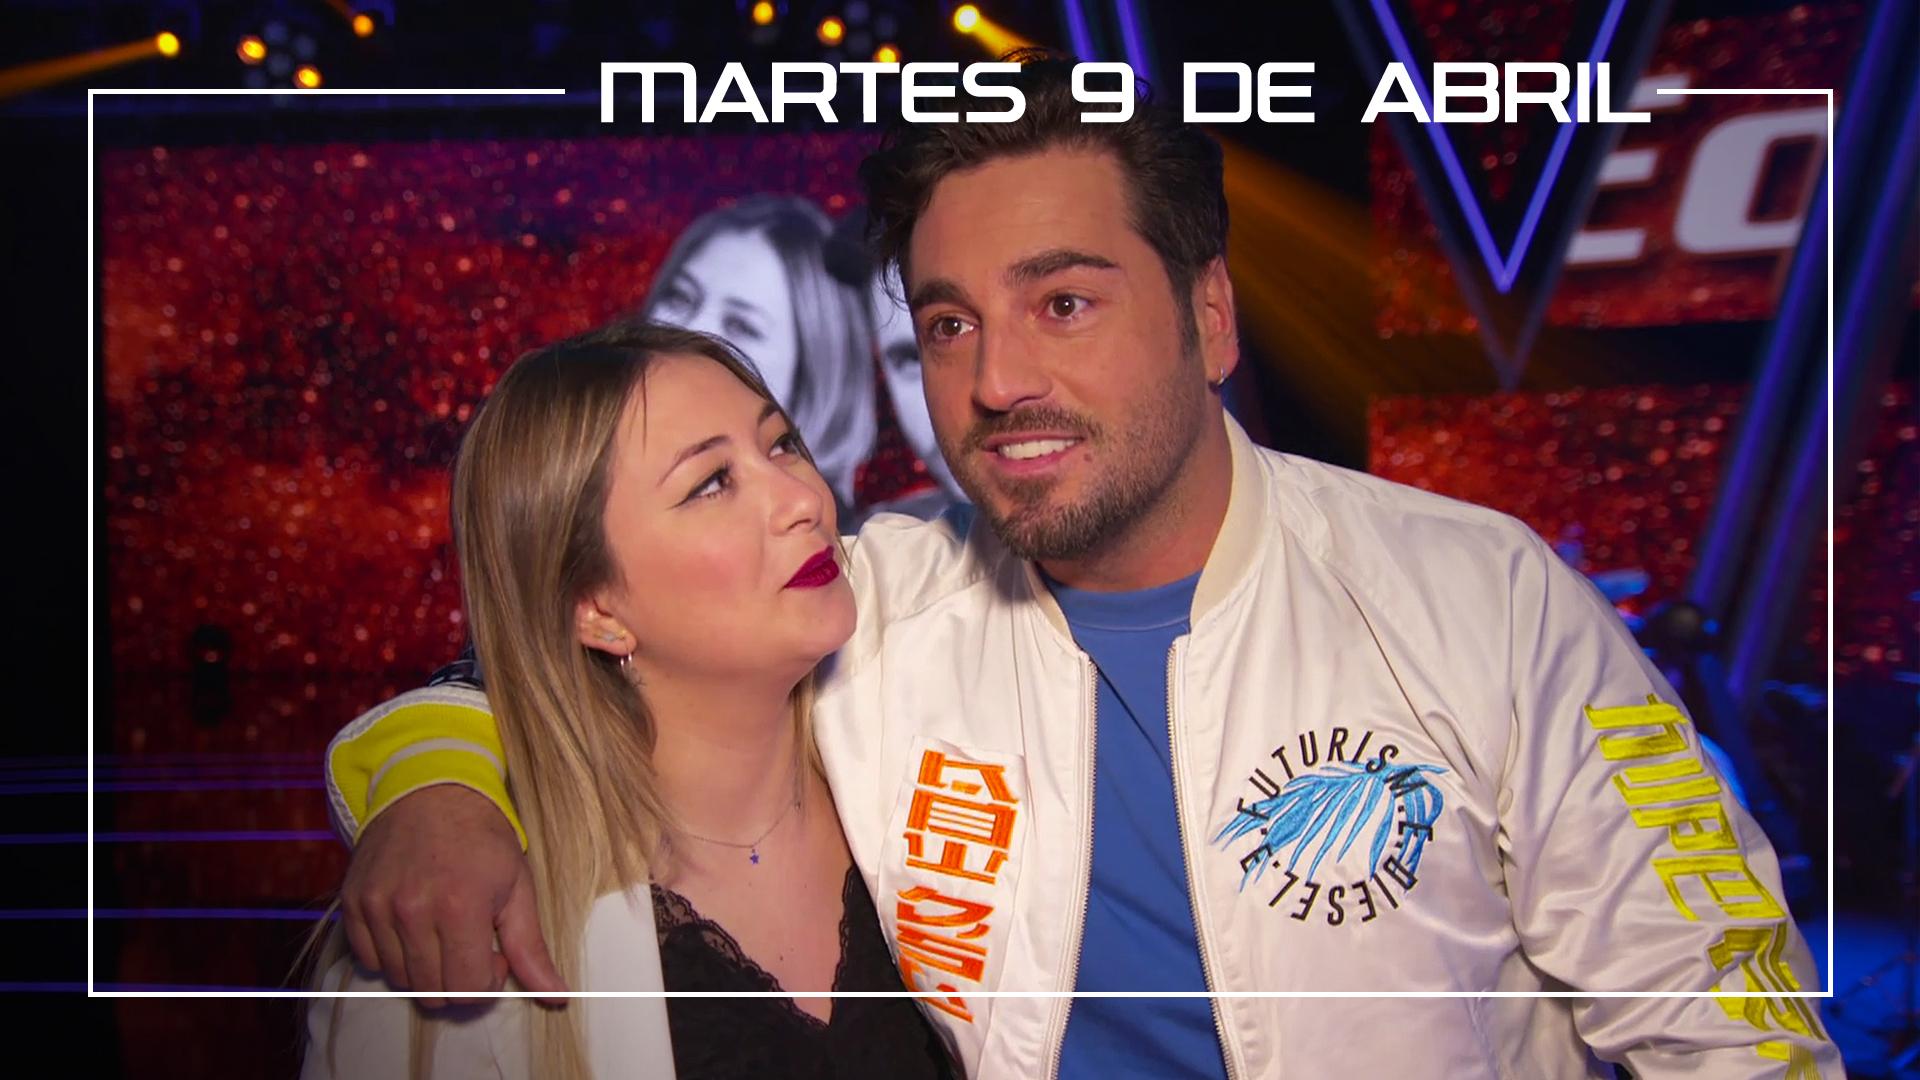 Martes 9 de abril María Espinosa y David Bustamante ensayan en plató el tema 'Héroes'